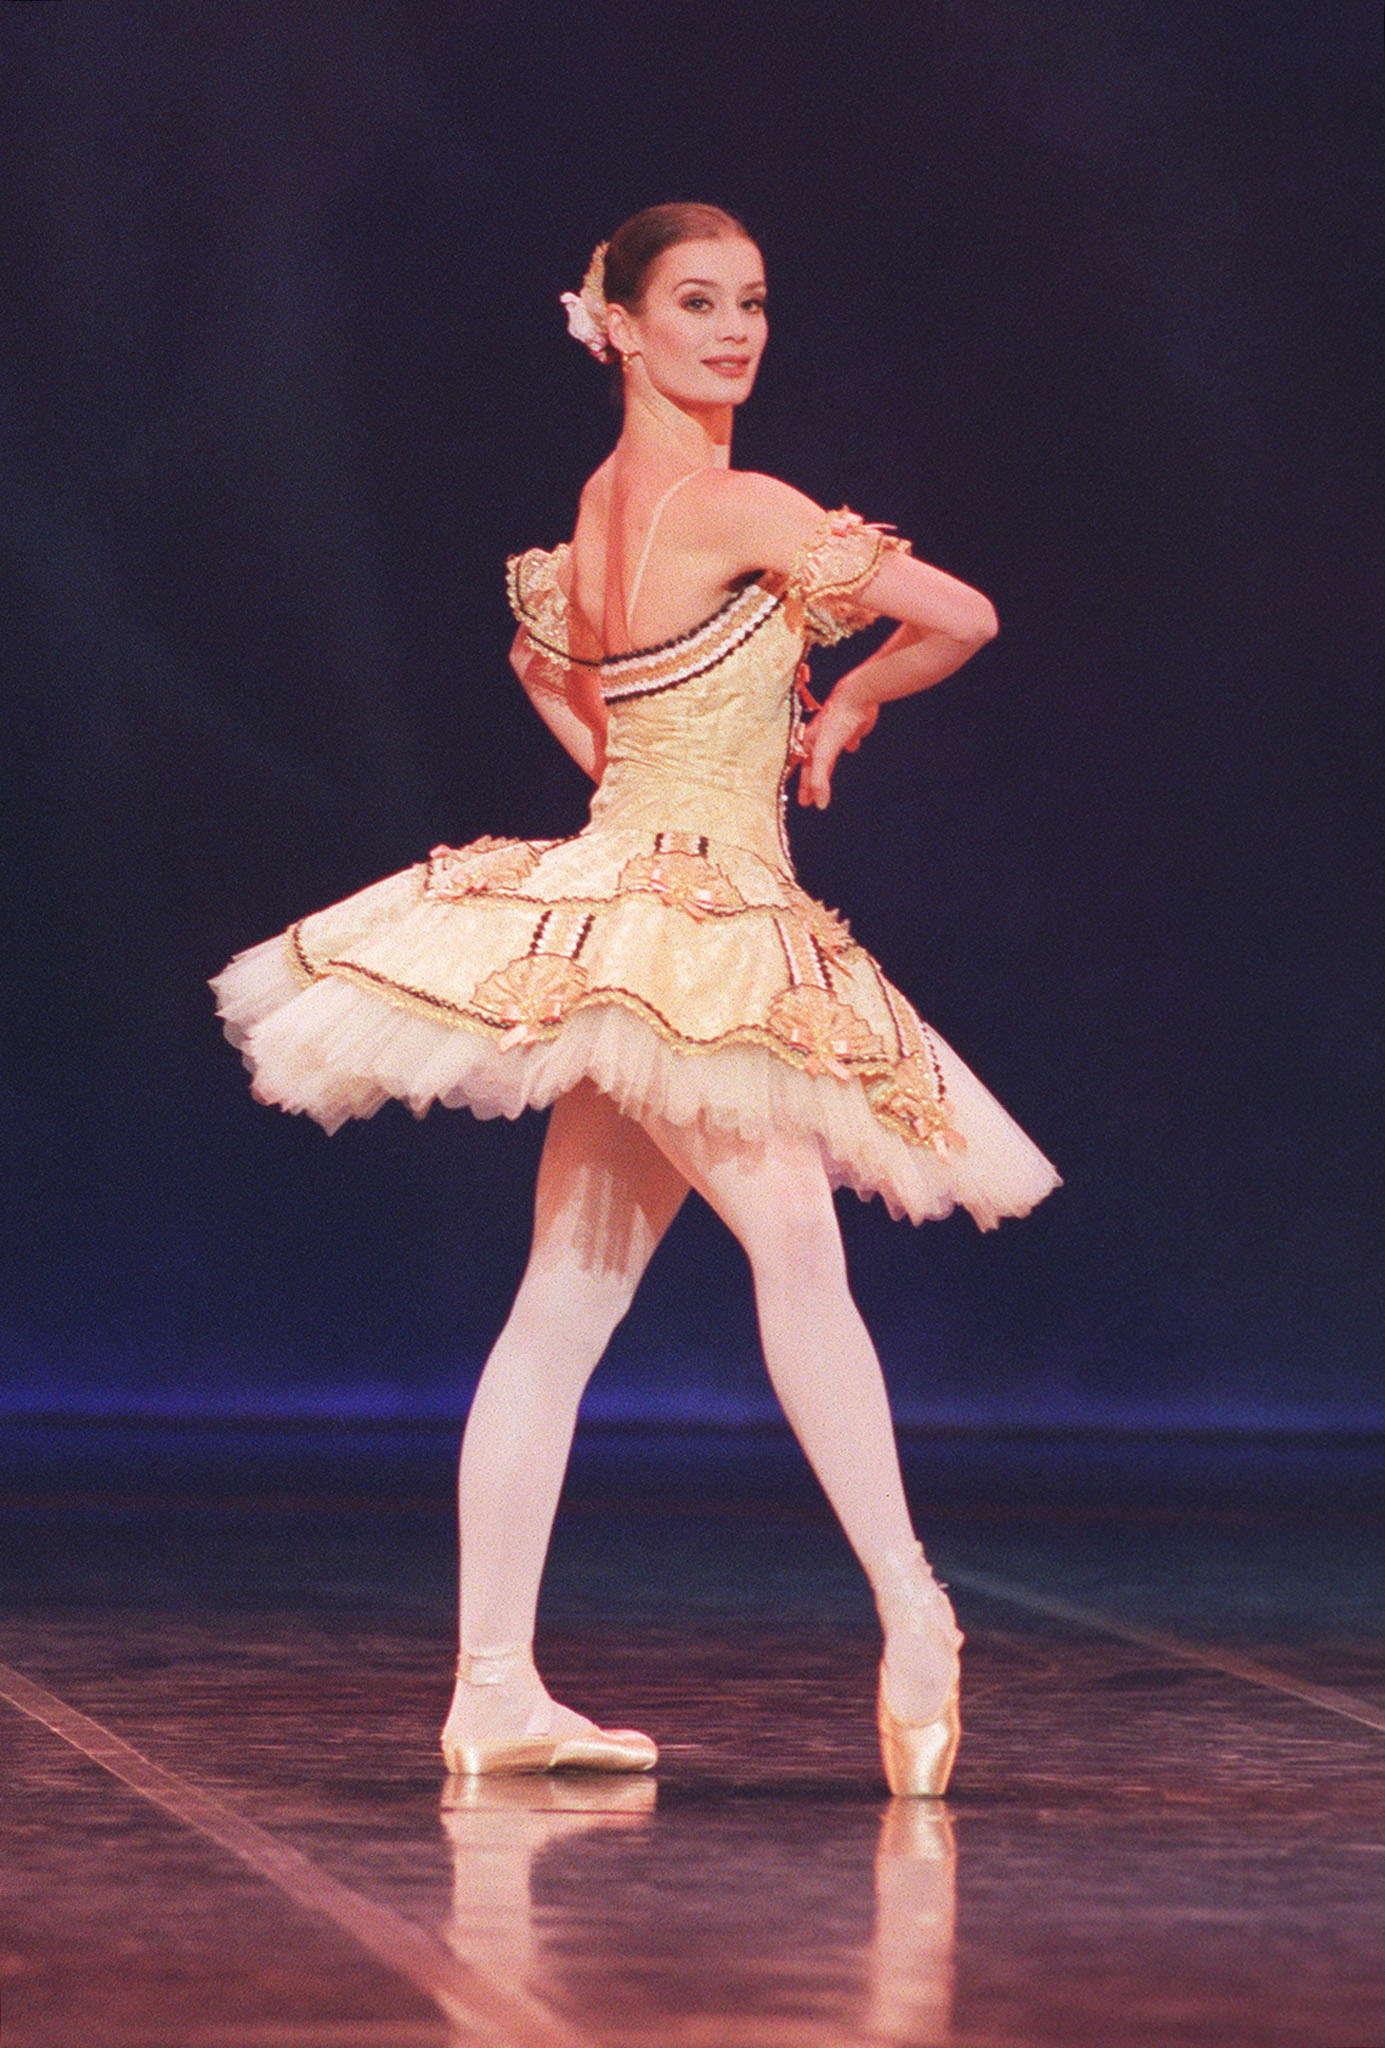 """Le 16 janvier 1999, Aurélie Dupont vient de fêter ses 26 ans. L'image a été prise peu après sa nomination comme danseuse étoile à l'issue d'une représentation de """"Don Quichotte"""", de Rudolf Noureev."""